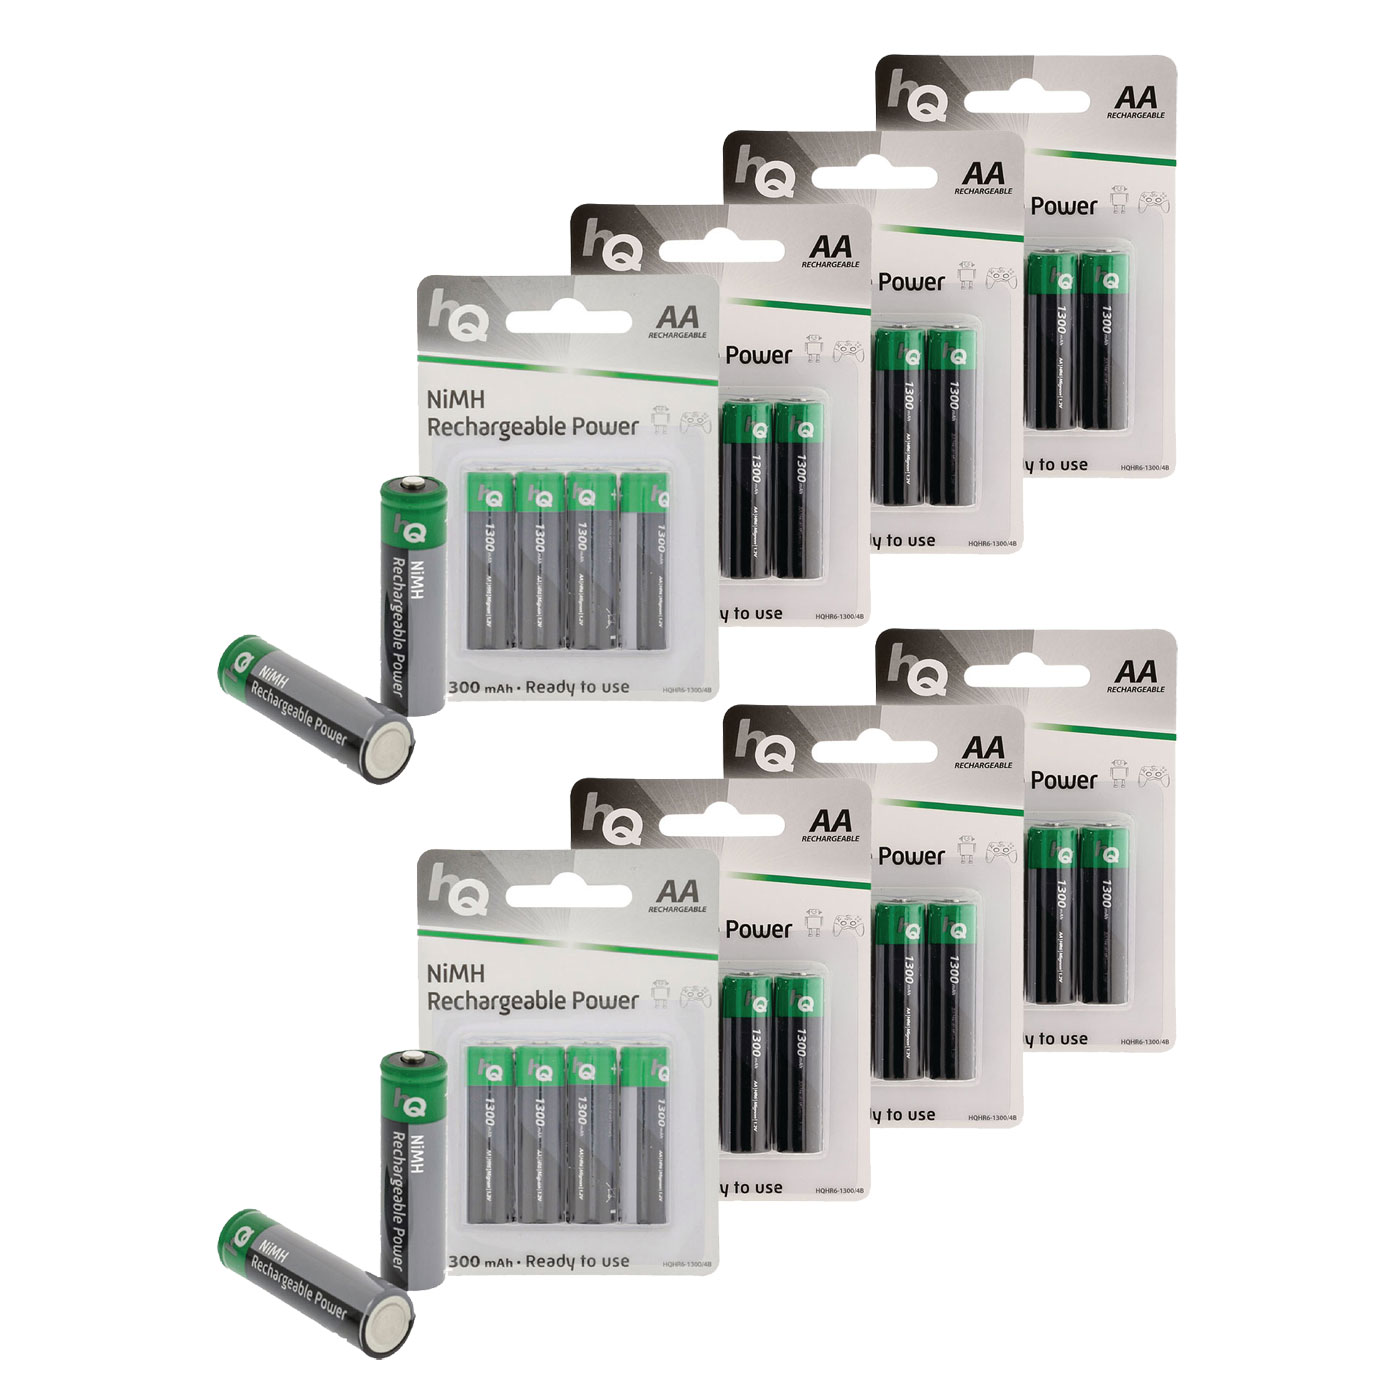 Hq rechargeable power aa 1300 mah par 32 pile - Pile aa rechargeable ...